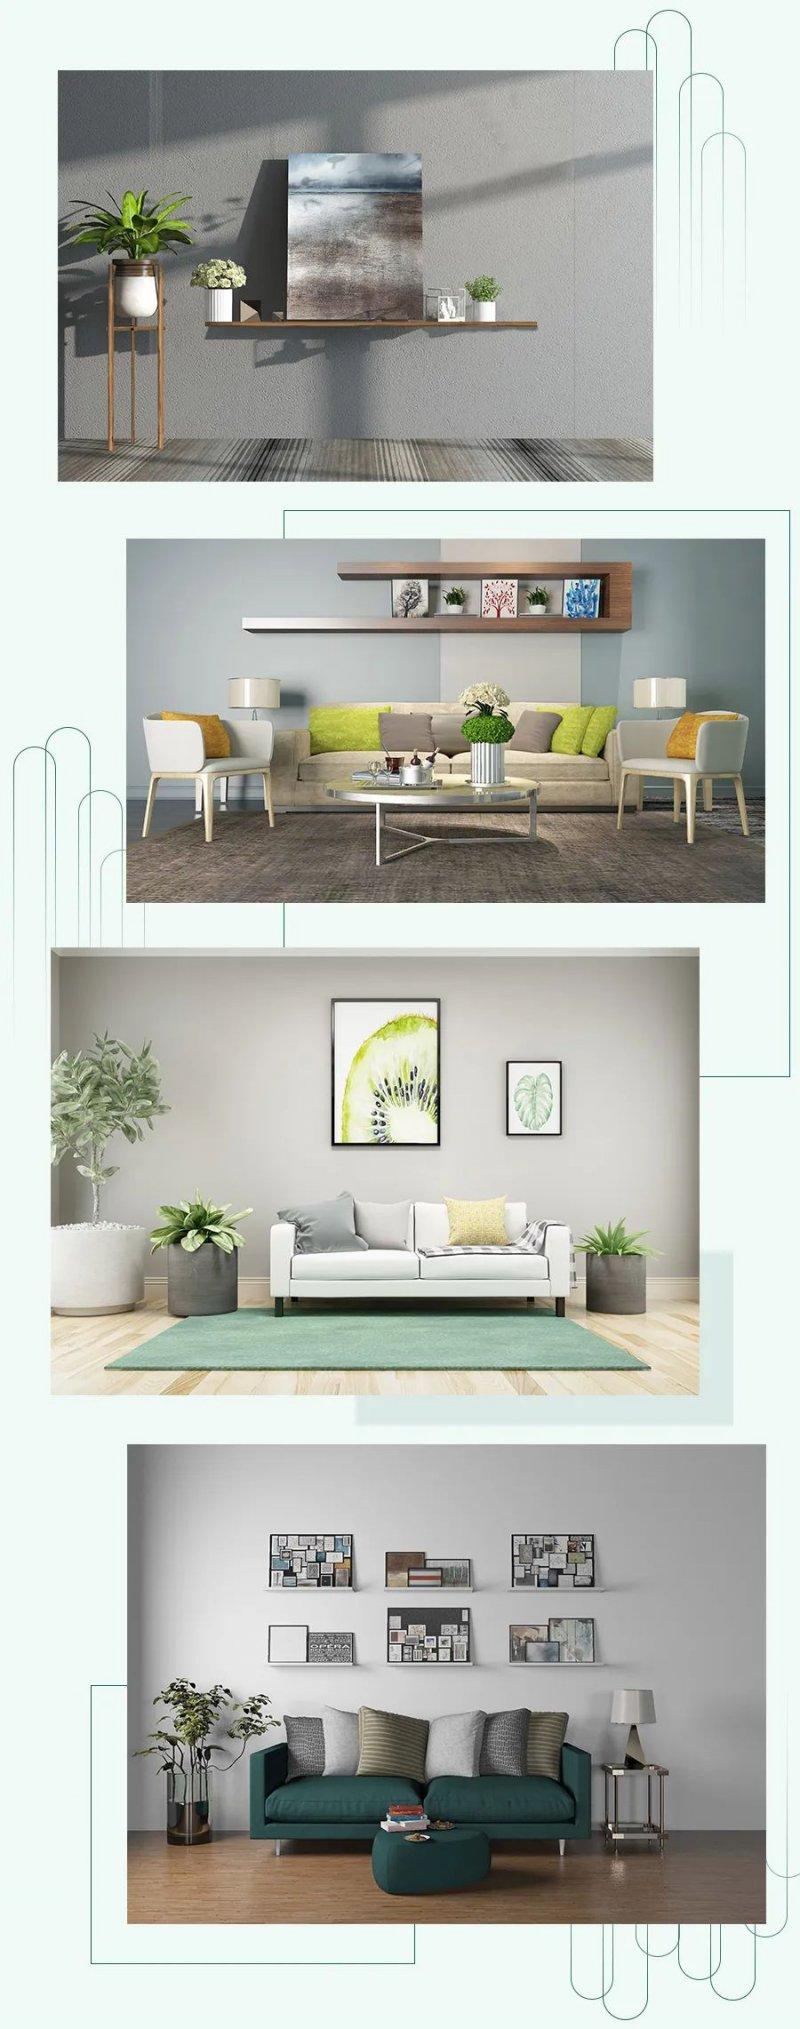 简约风格家装效果图 绿色系家居搭配推荐